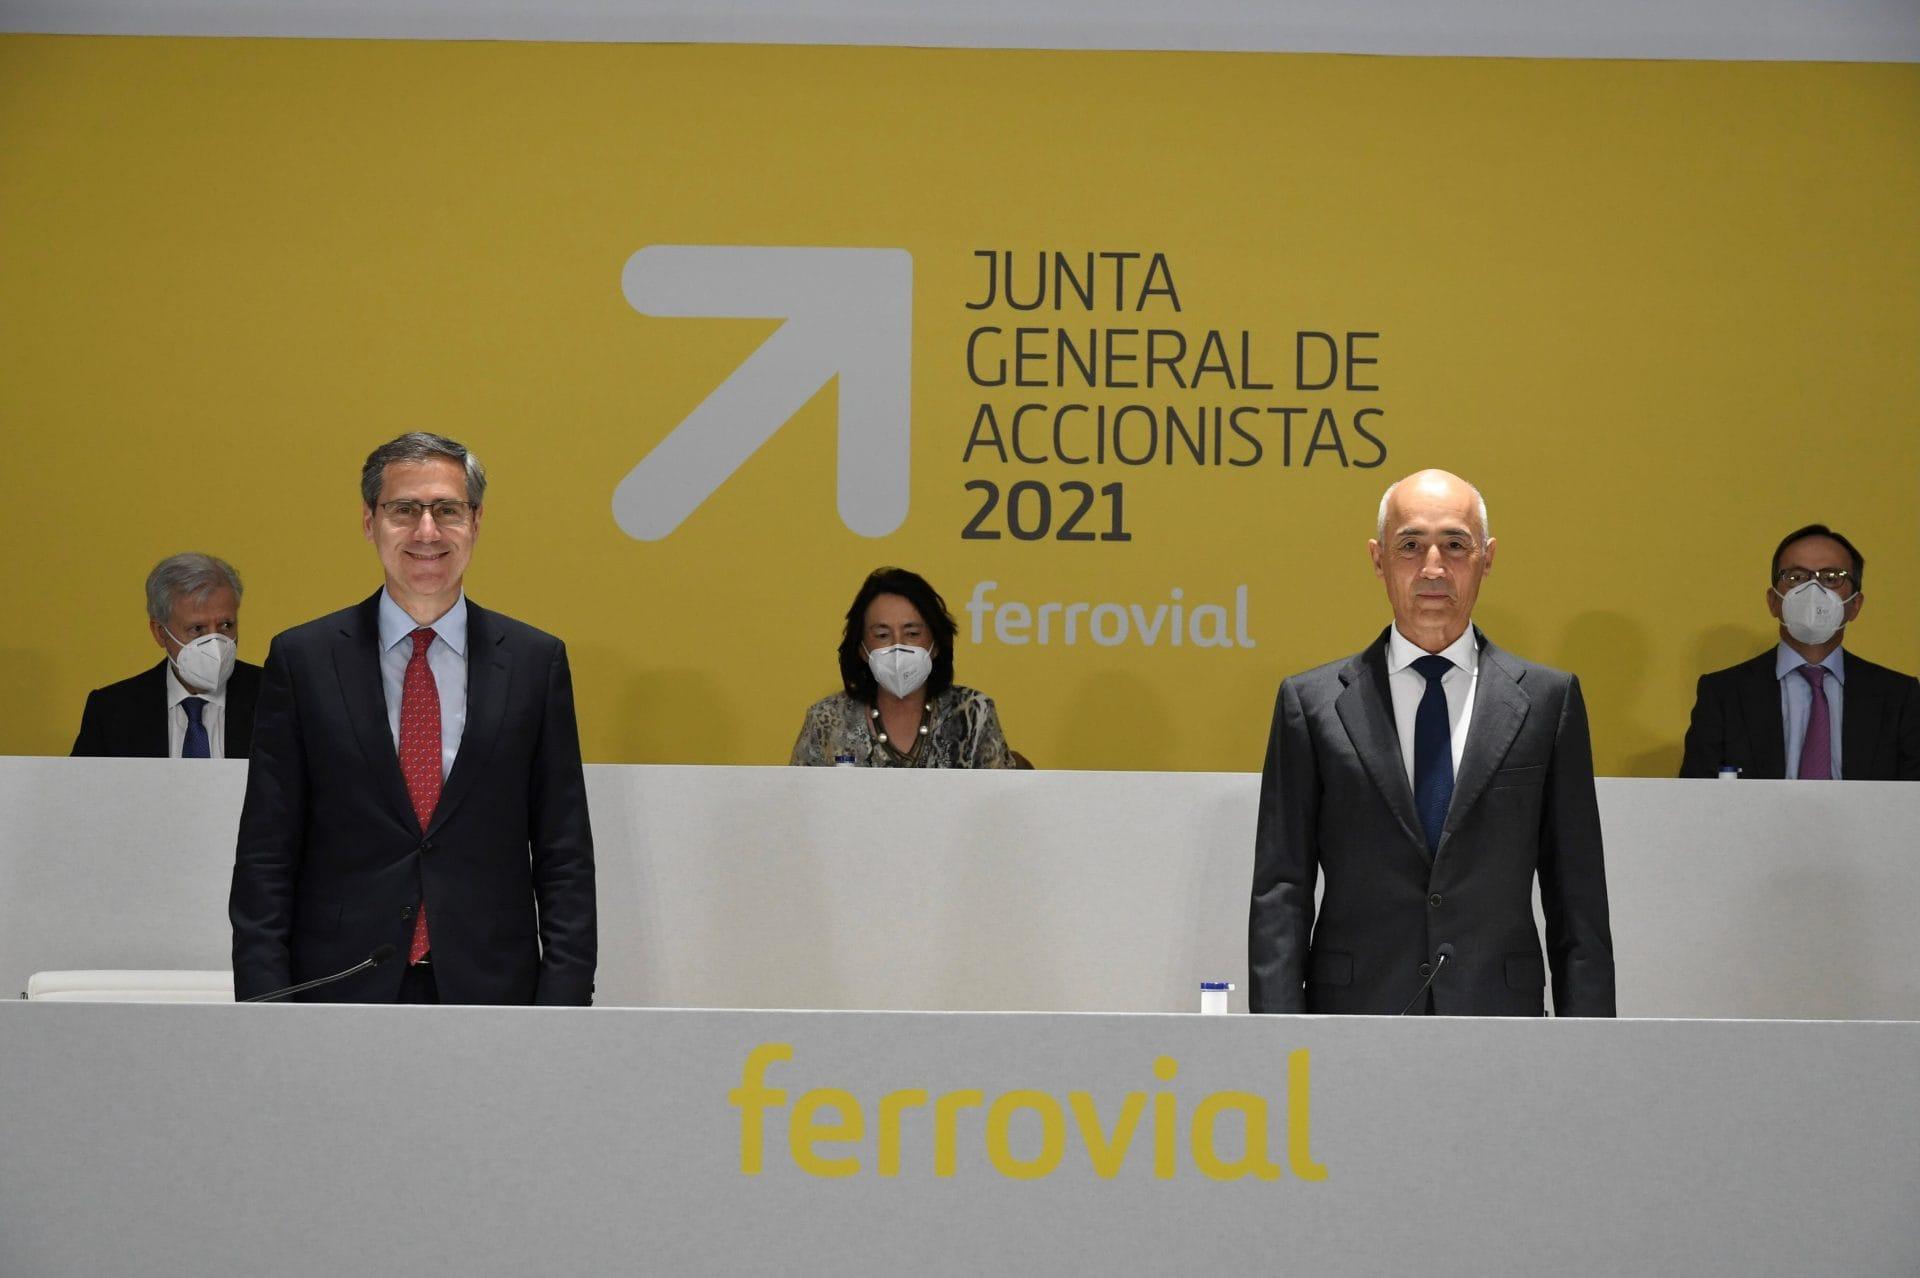 Rafael del Pino Ignacio Madridjos Junta Gneral 2021